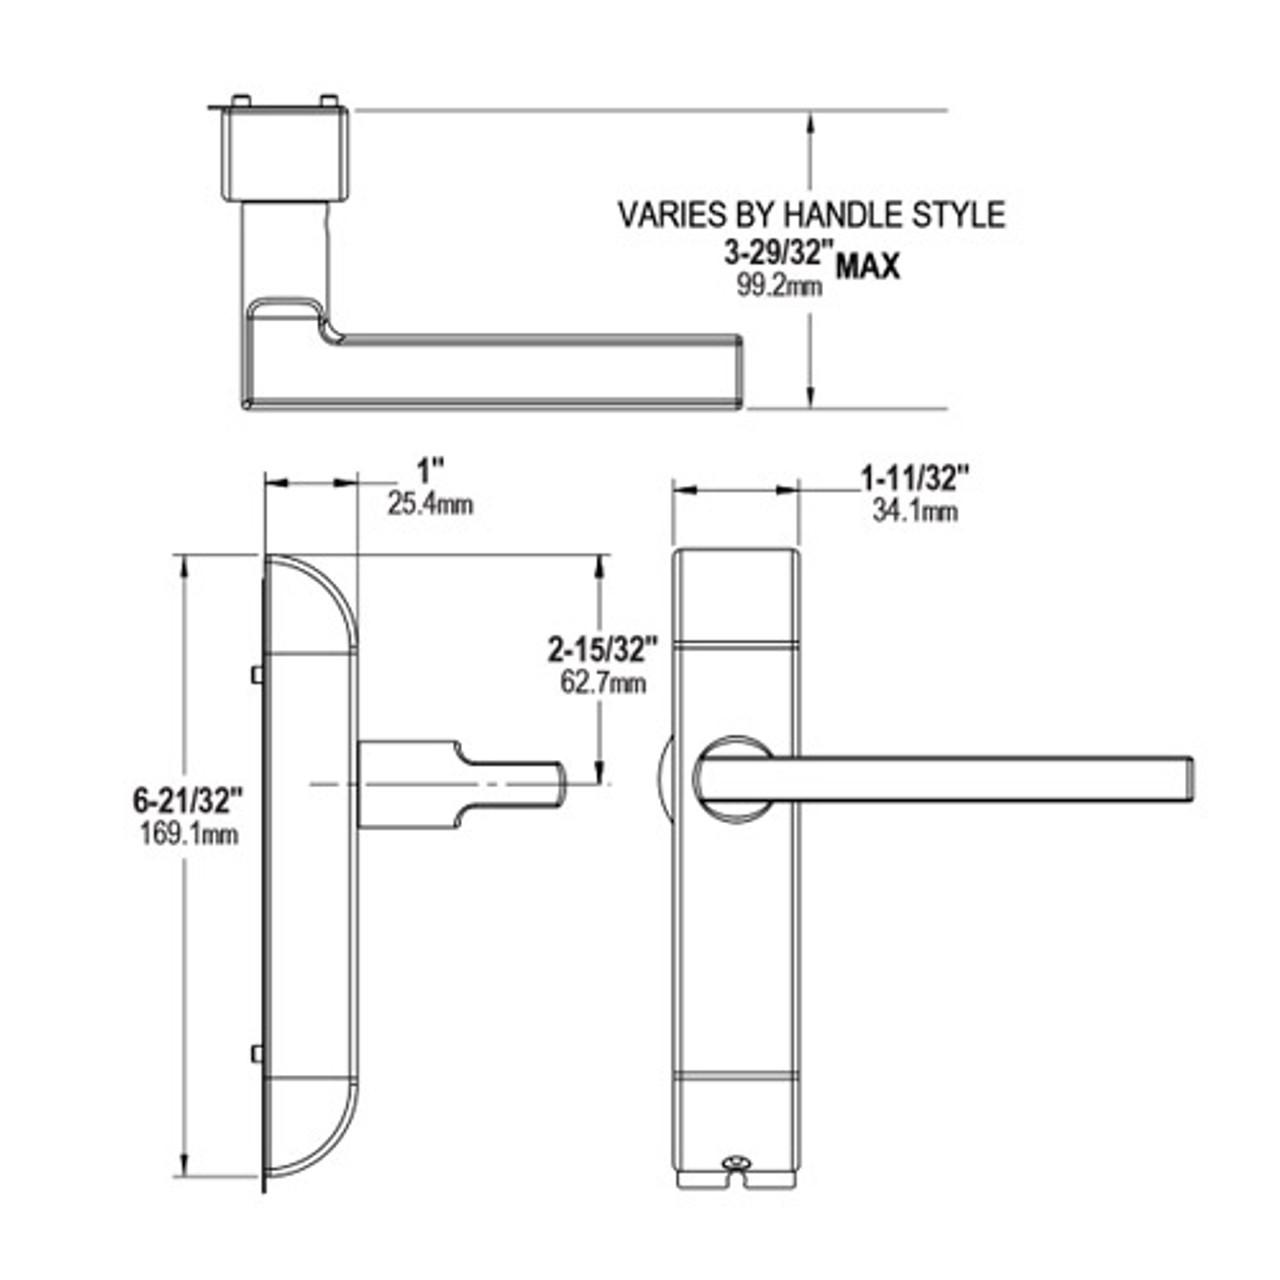 4600M-MN-611-US32 Adams Rite MN Designer handle Dimensional View